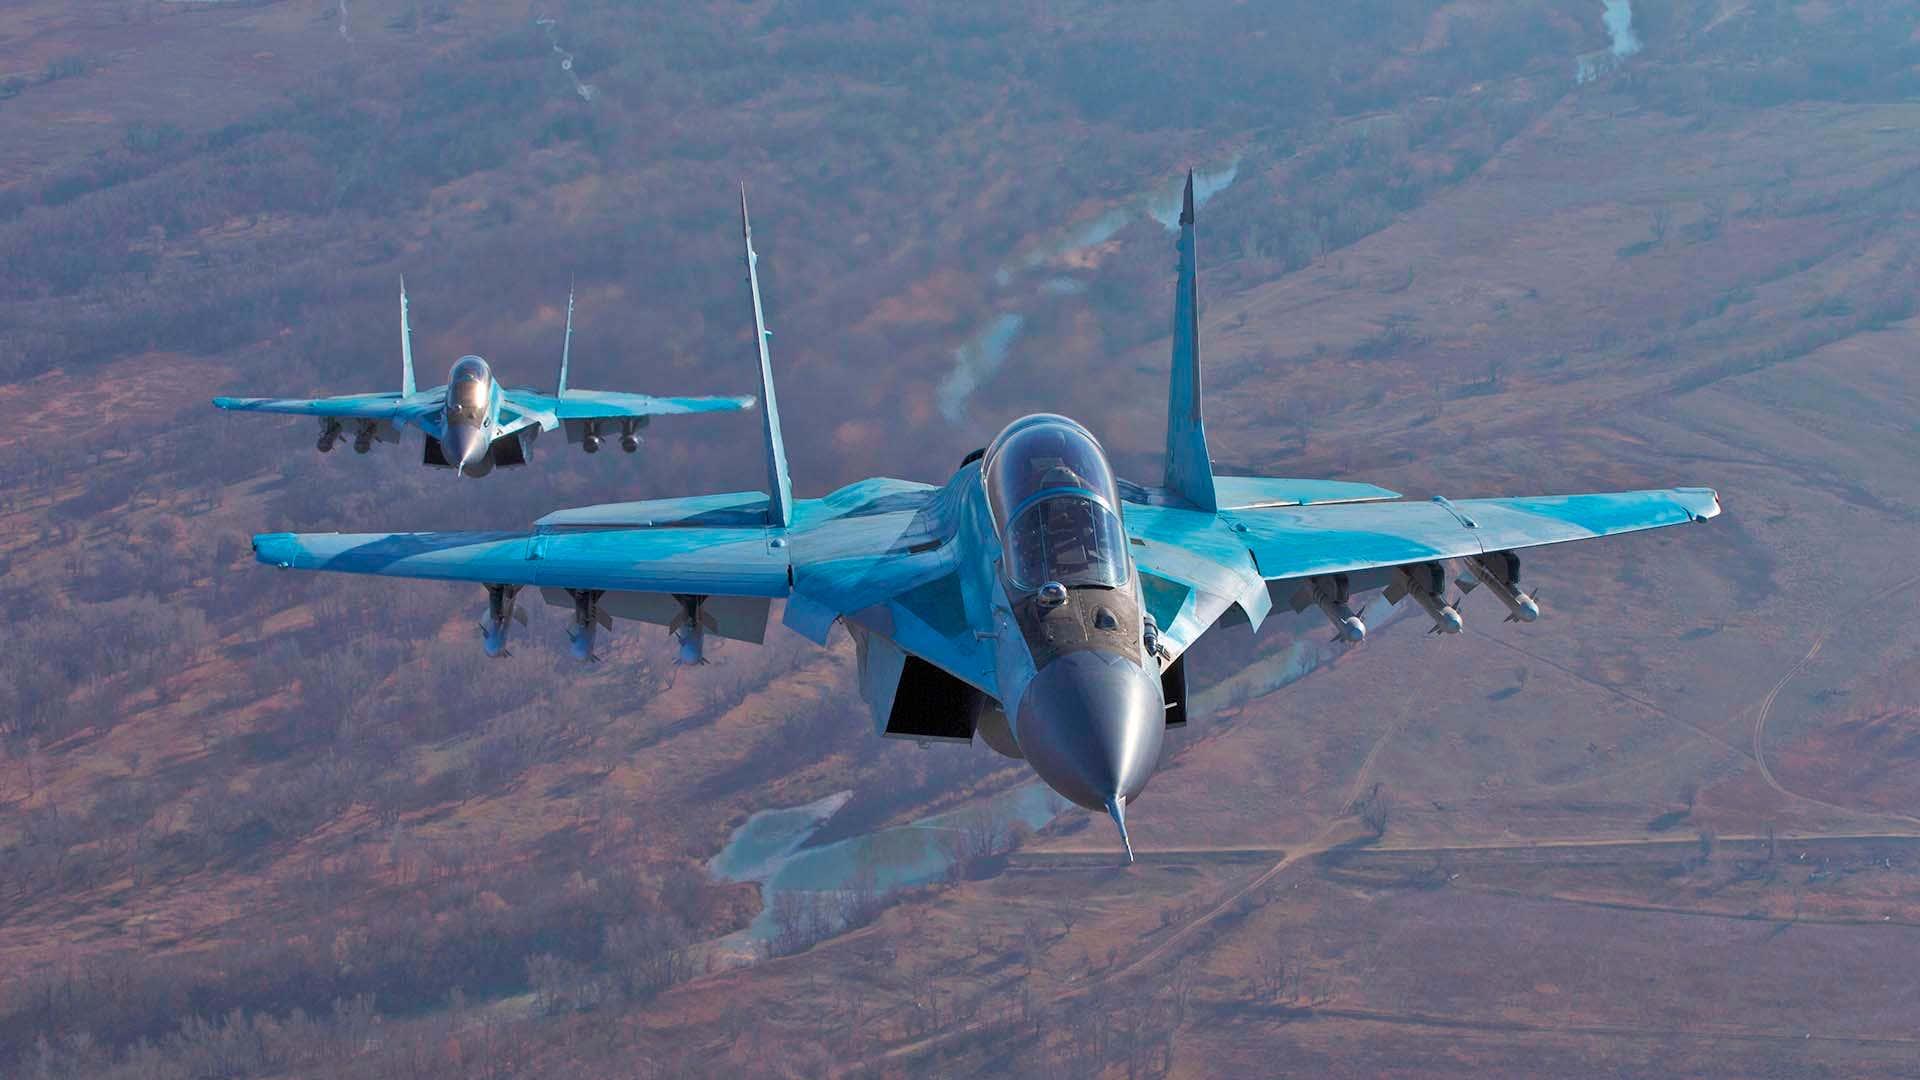 Η MiG και η Sukhoi μπαίνουν γερά να «παιχνίδι» της παγκόσμιας αγοράς μαχητικών αεροσκαφών!